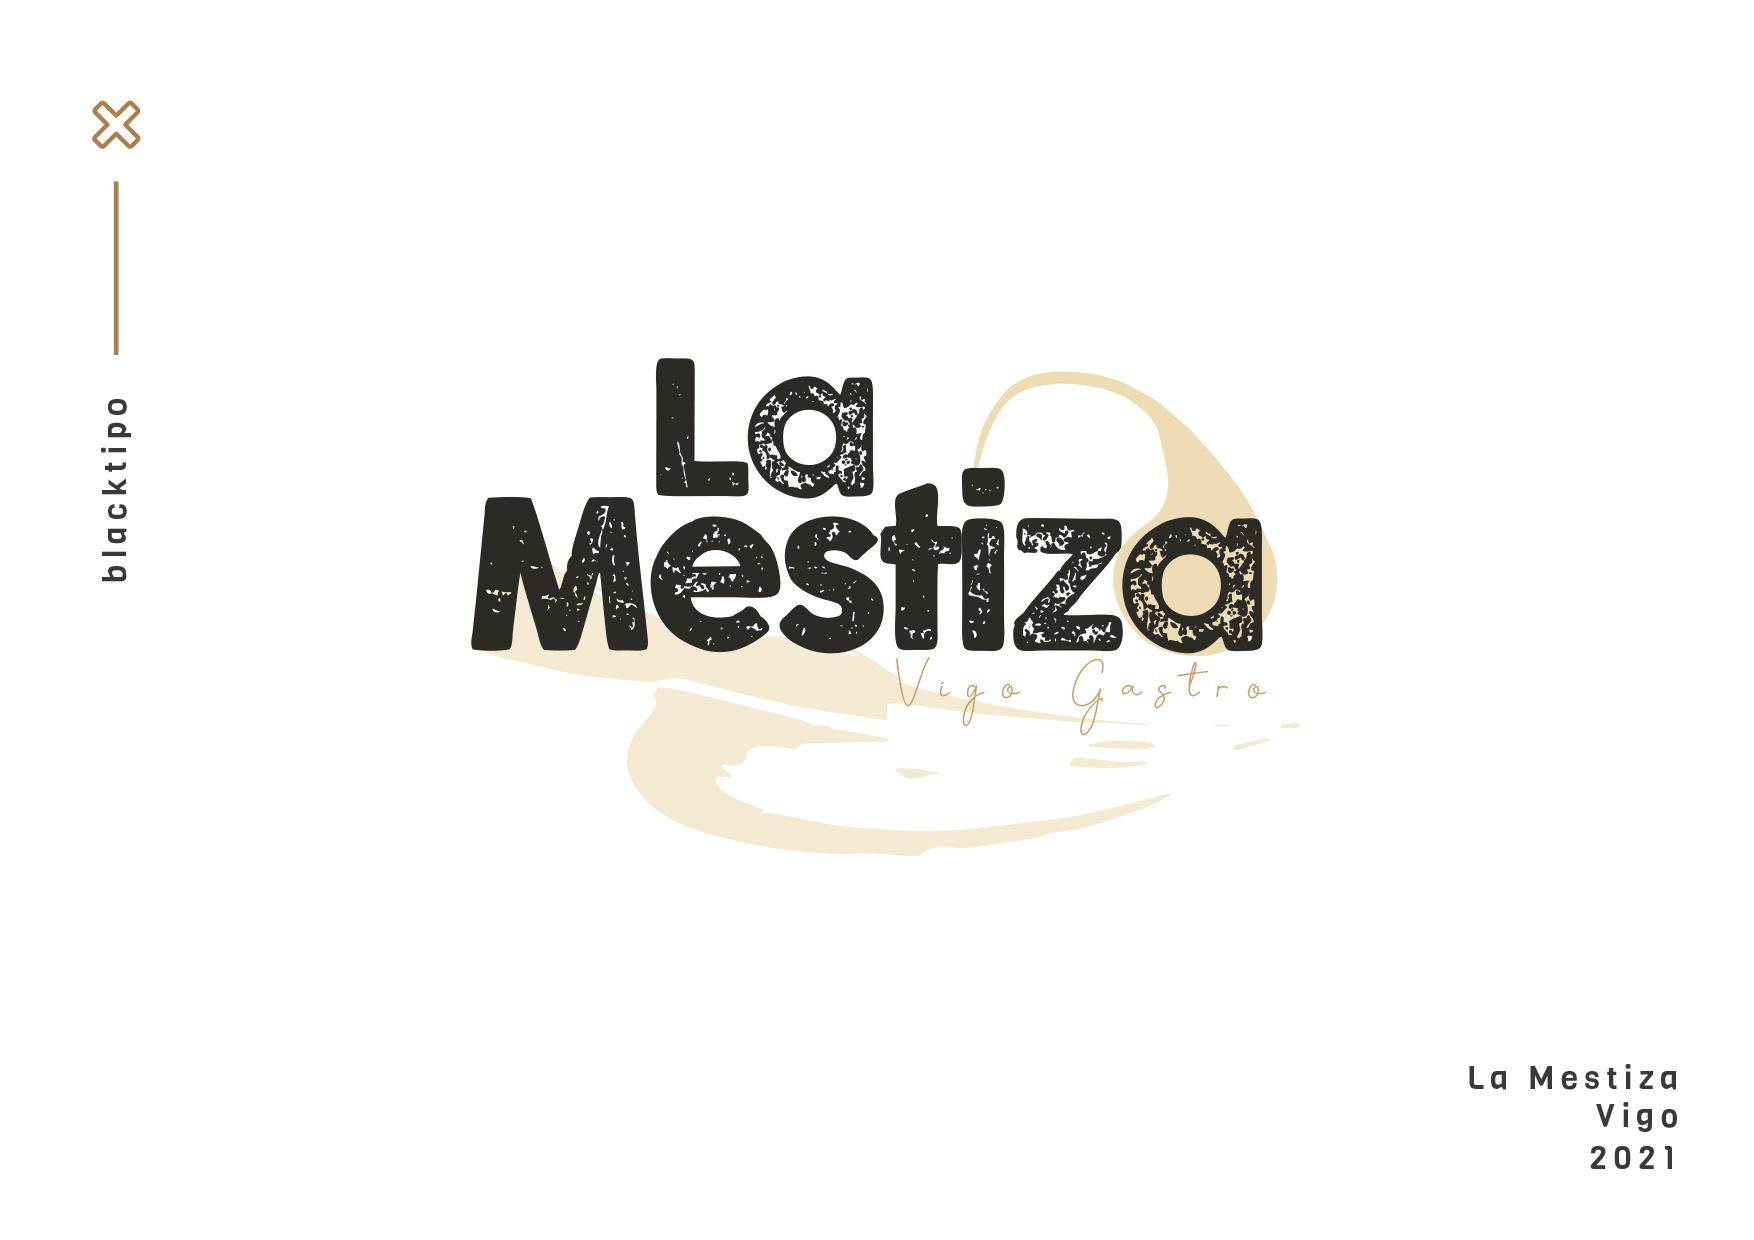 Logotipo La Mestiza gastrobar